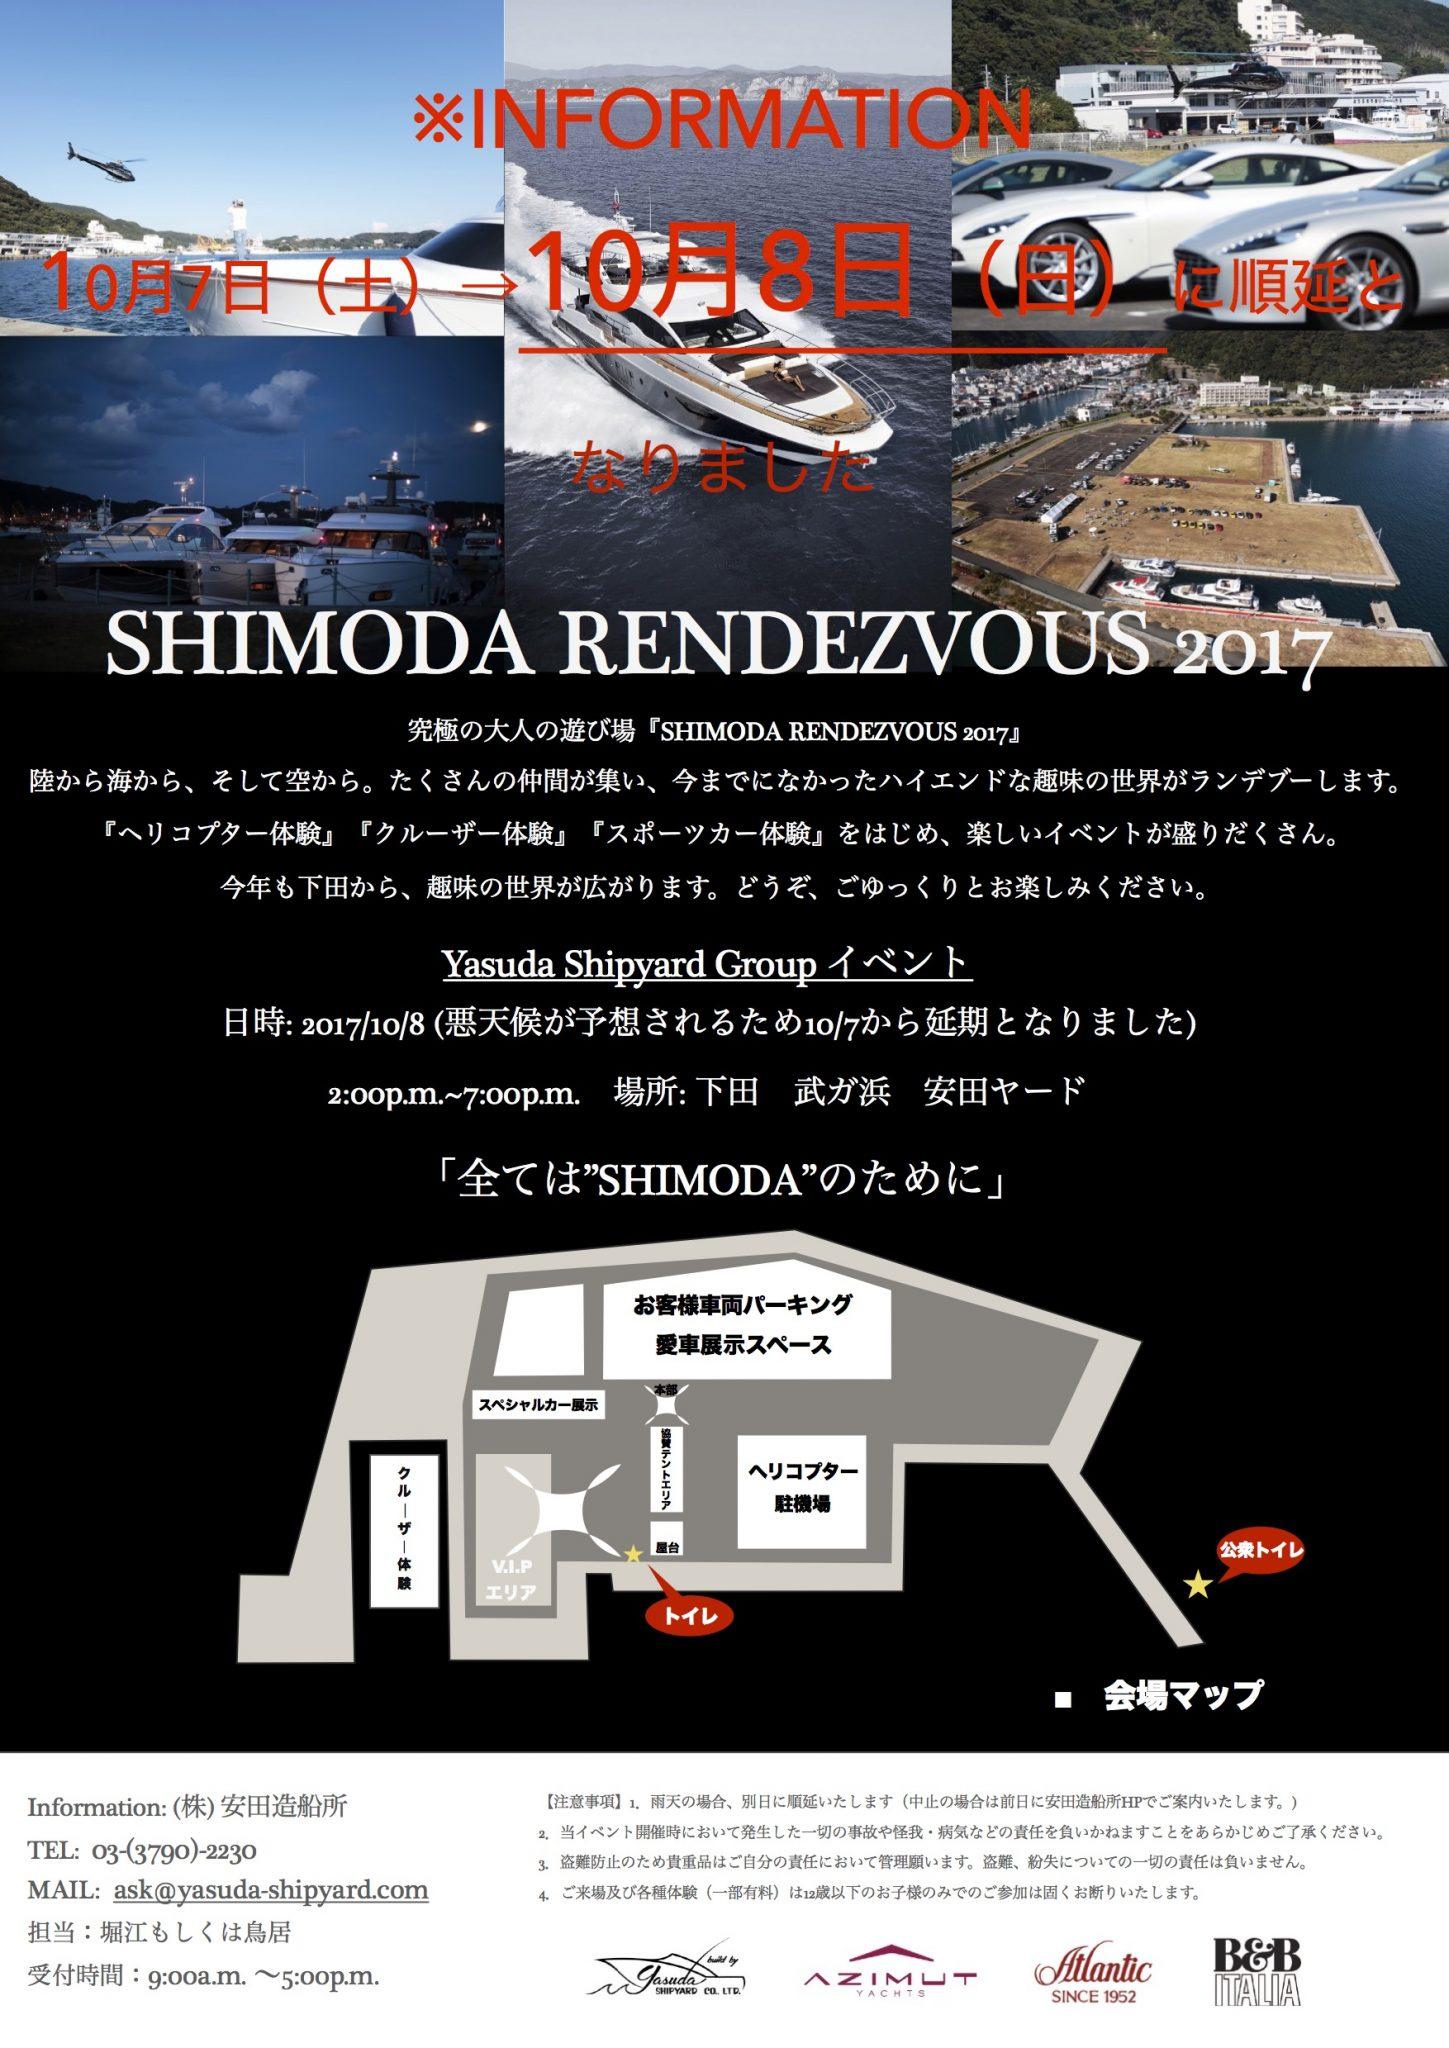 ※SHIMODA RENDEZVOUS 開催日順延のお知らせ※